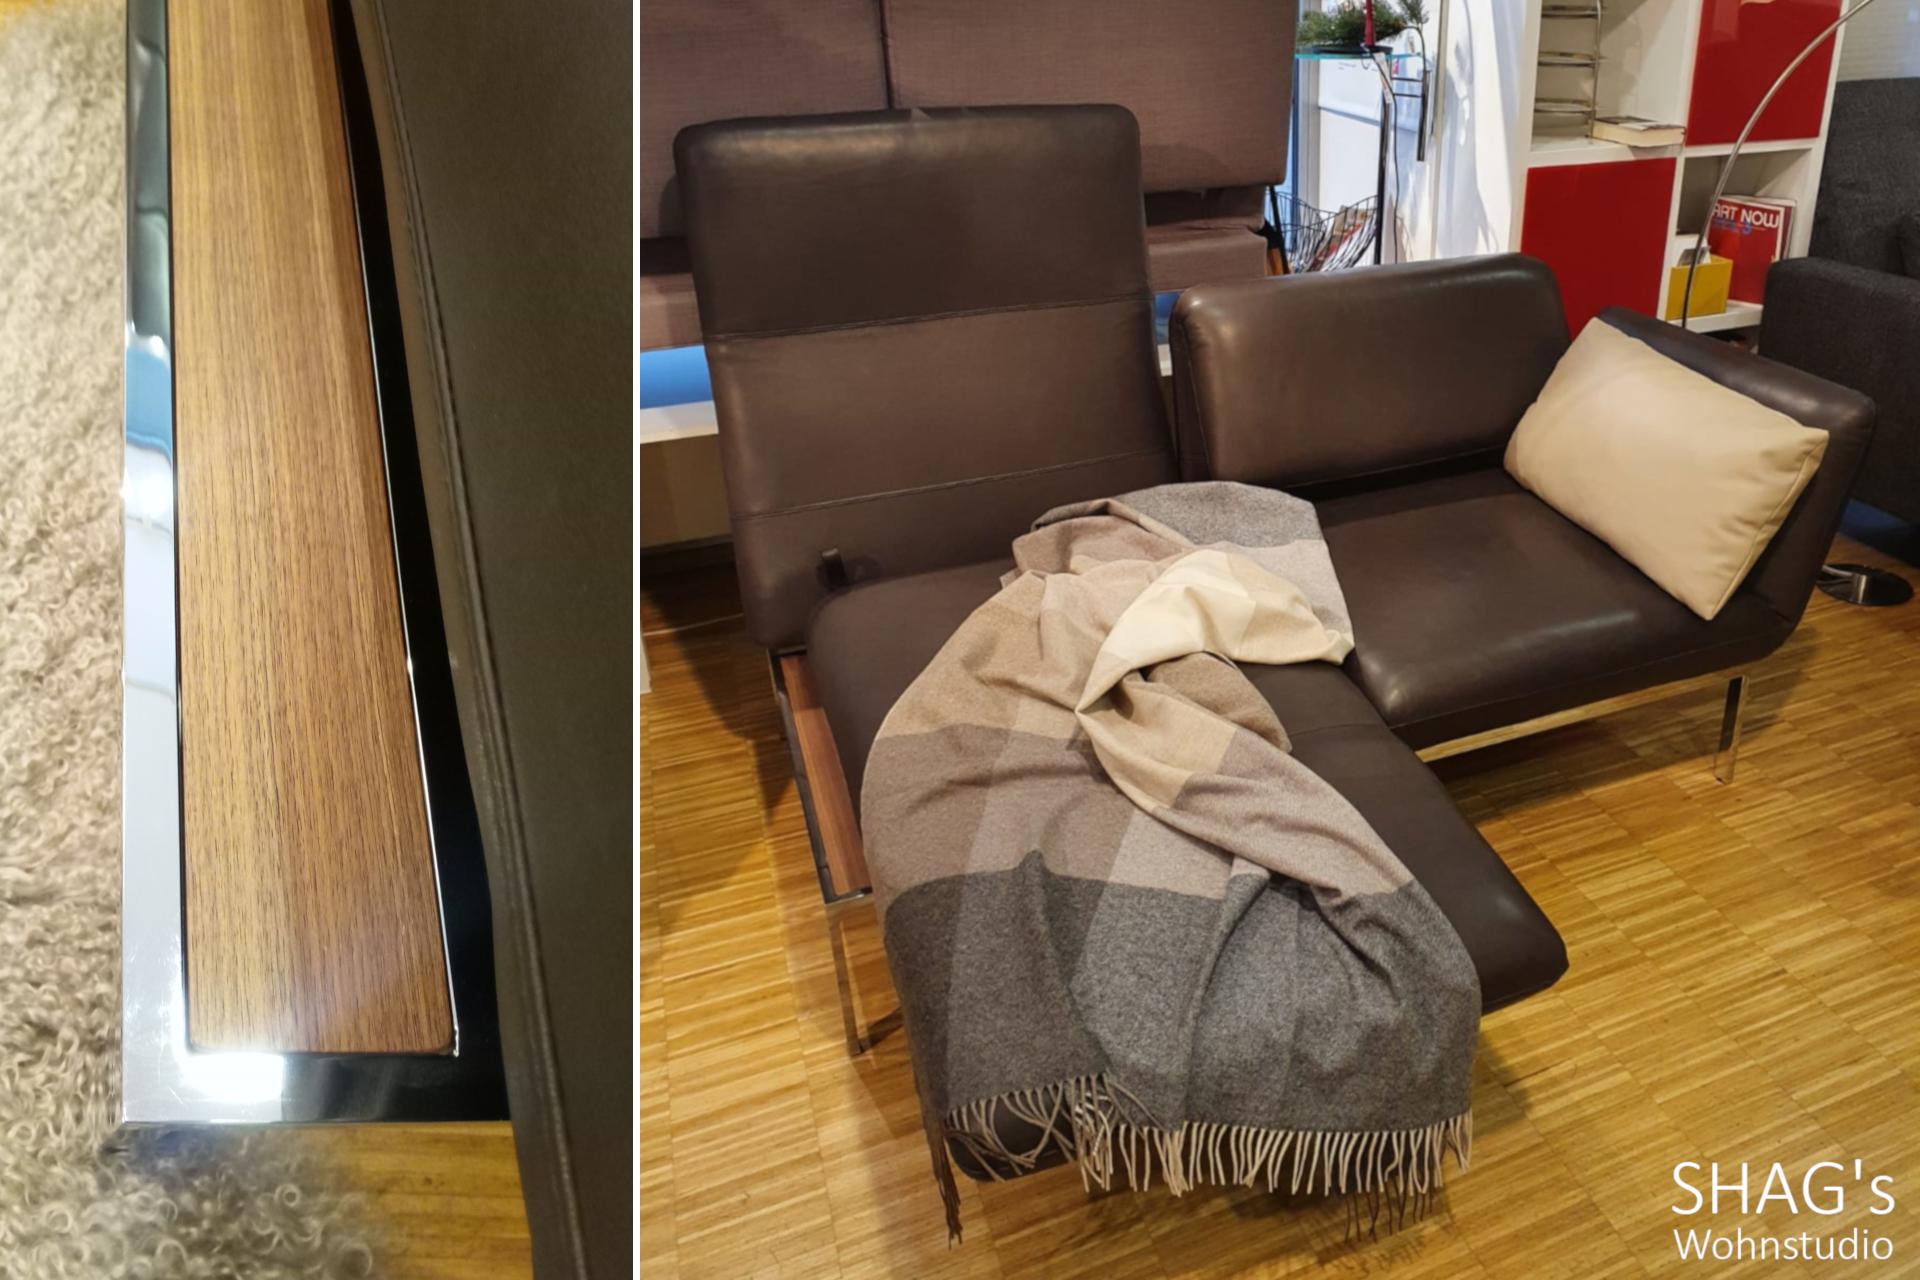 SHAGs Wohnstudio München brühl Funktionssofas Schlafen Relaxen Leder roro medium